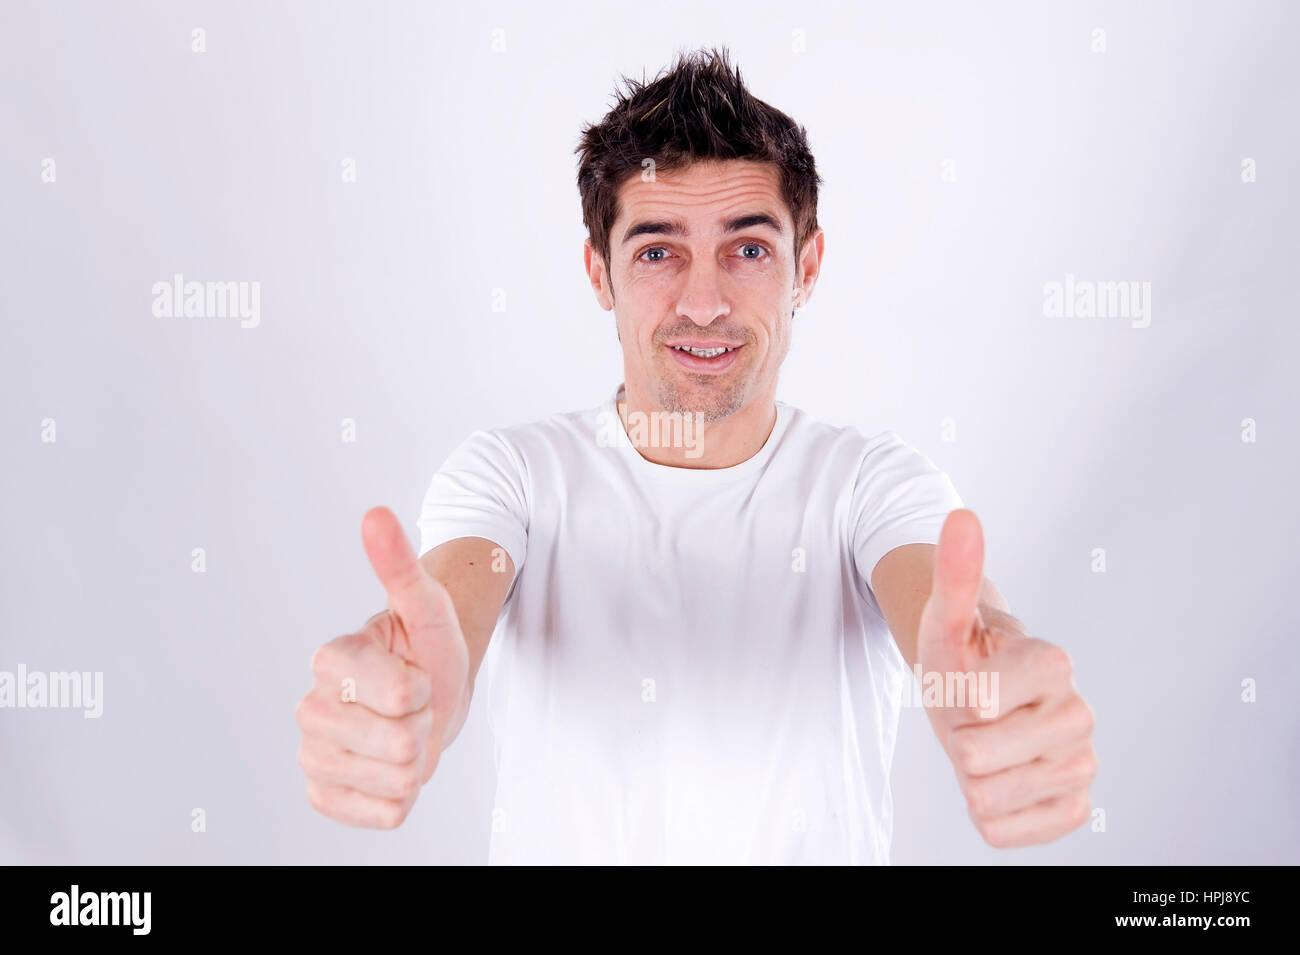 Parution du modèle , Mann mit Daumen erhobenen - man with Thumbs up Photo Stock